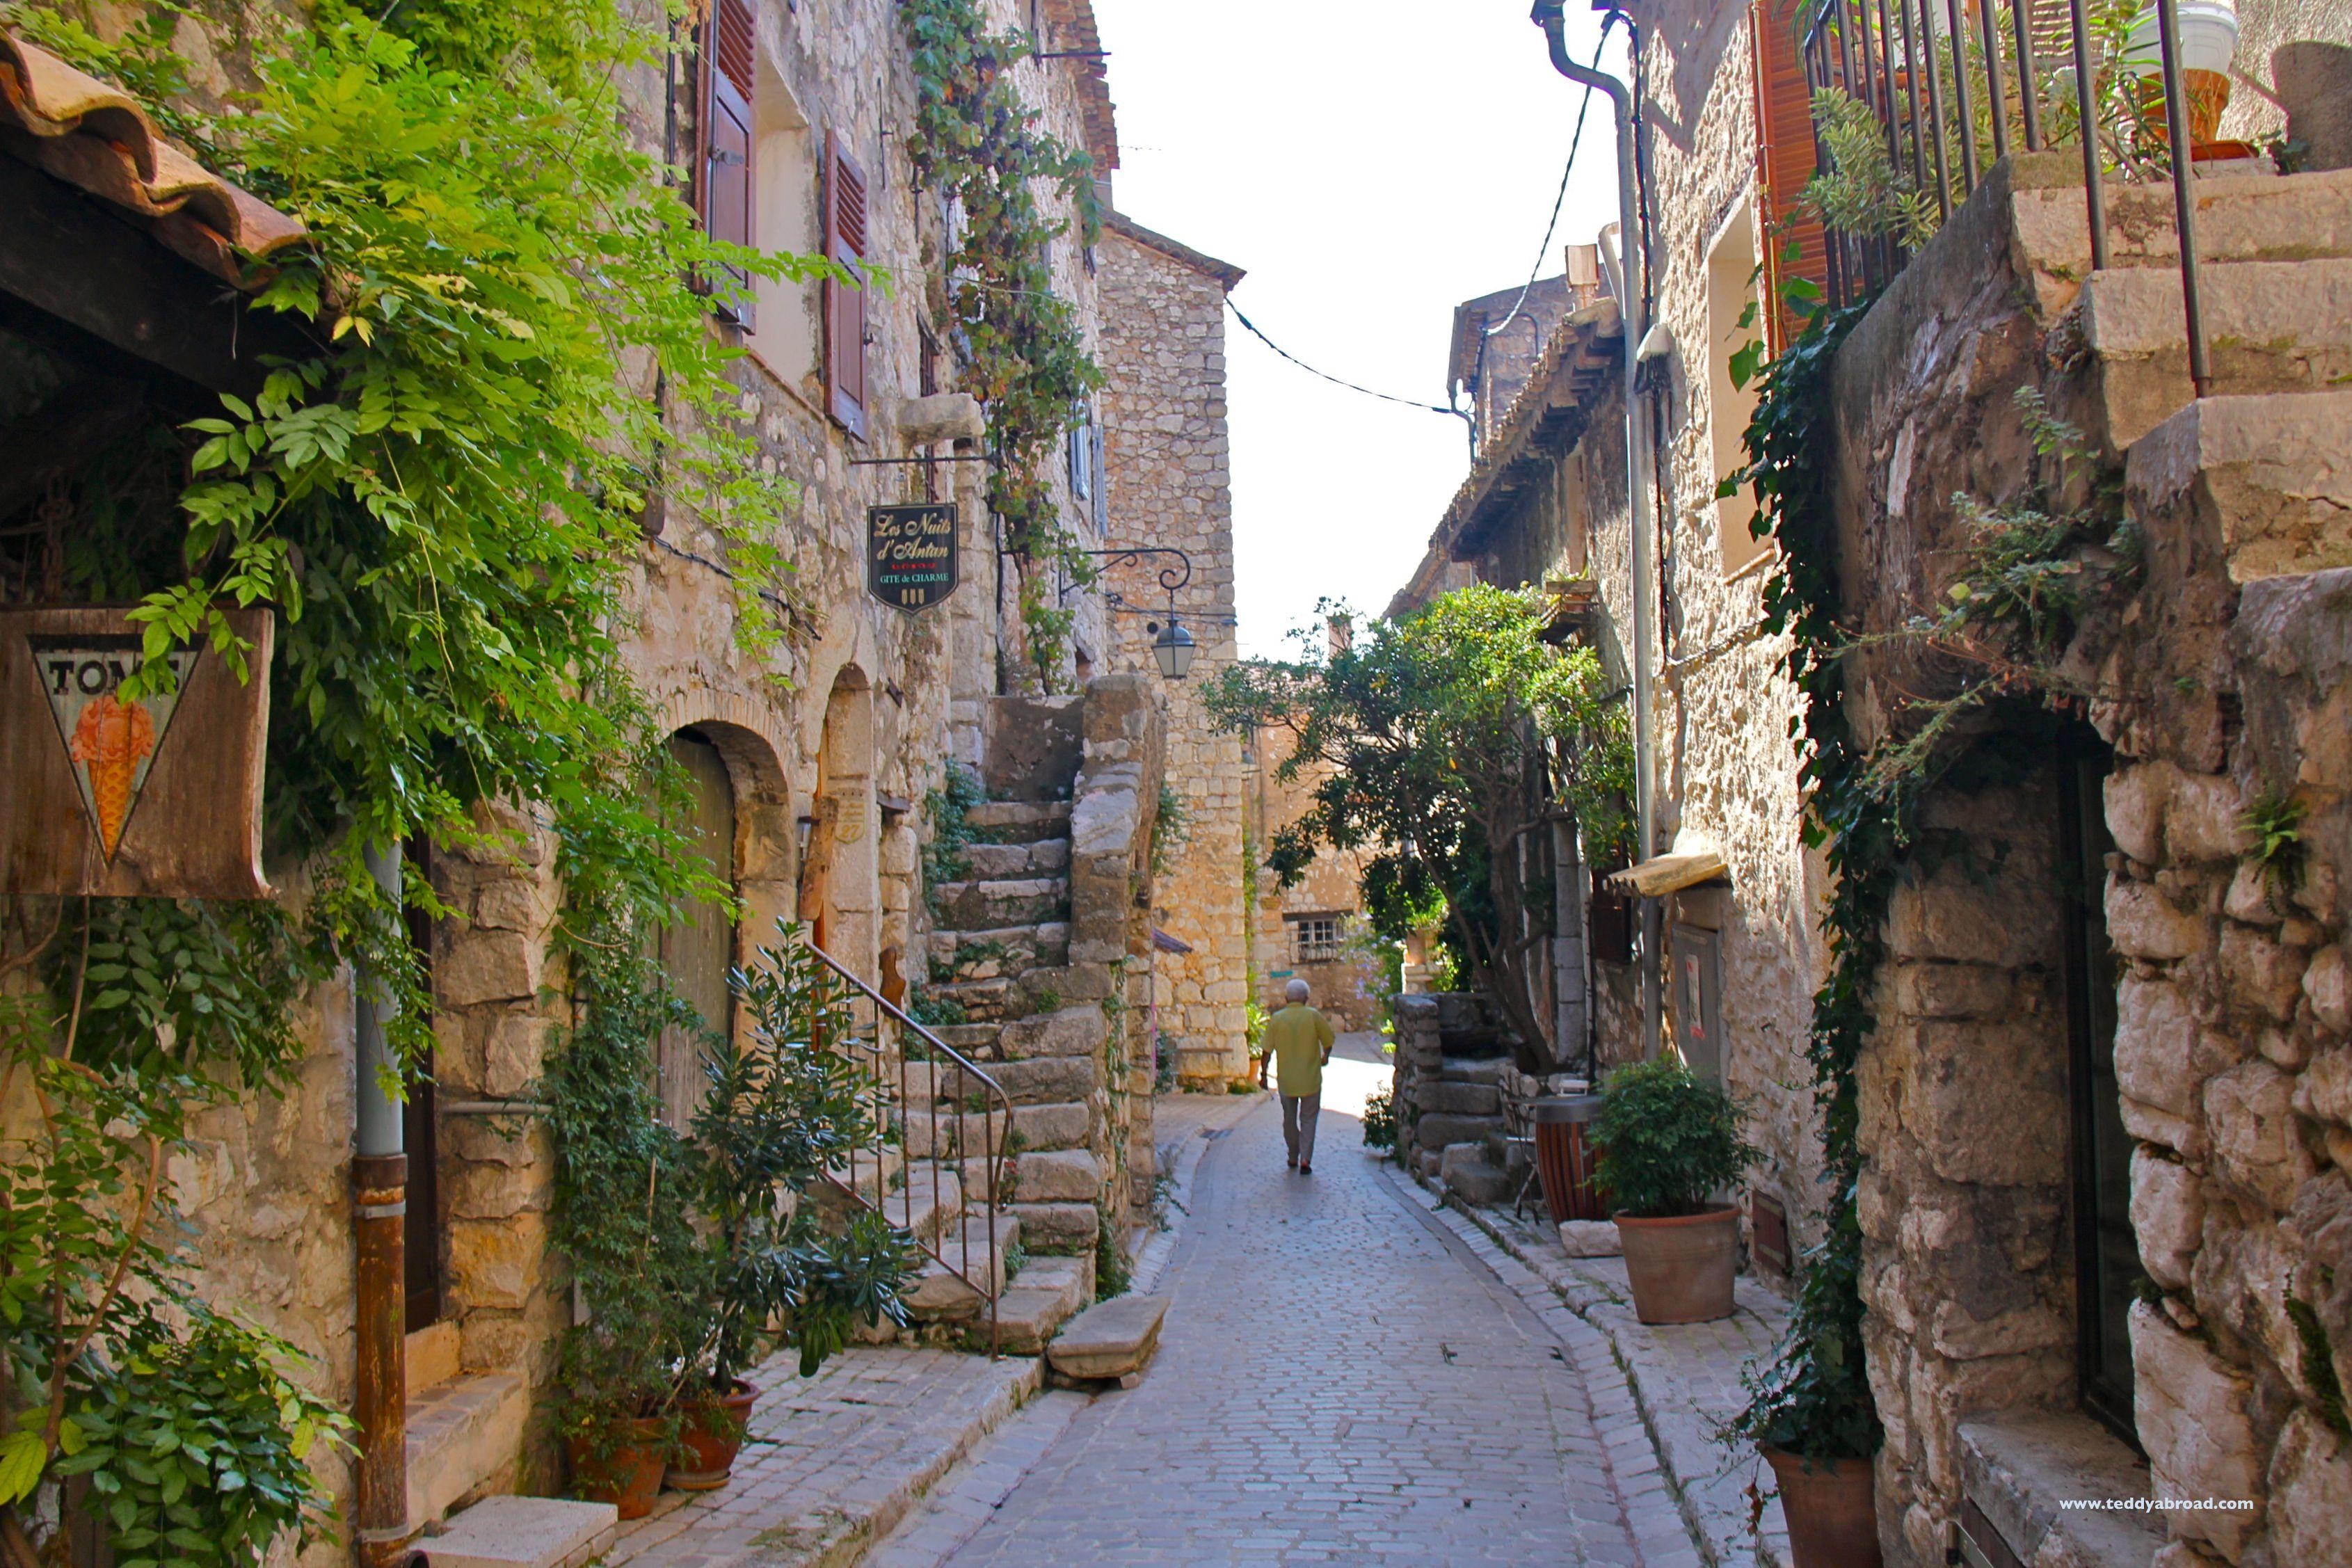 The quaint medieval village of Tourettes-sur-loup in ... Quaint Village